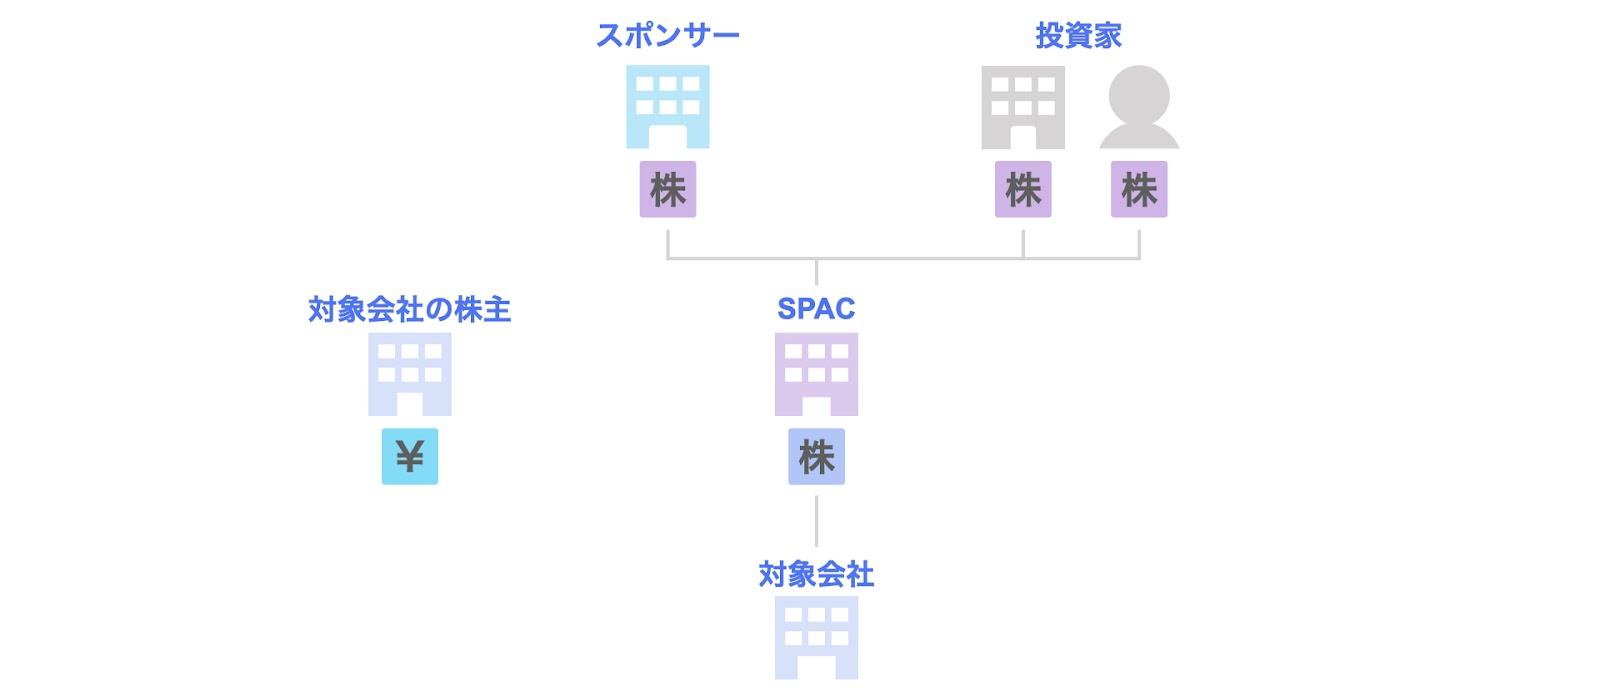 SPACの関係者